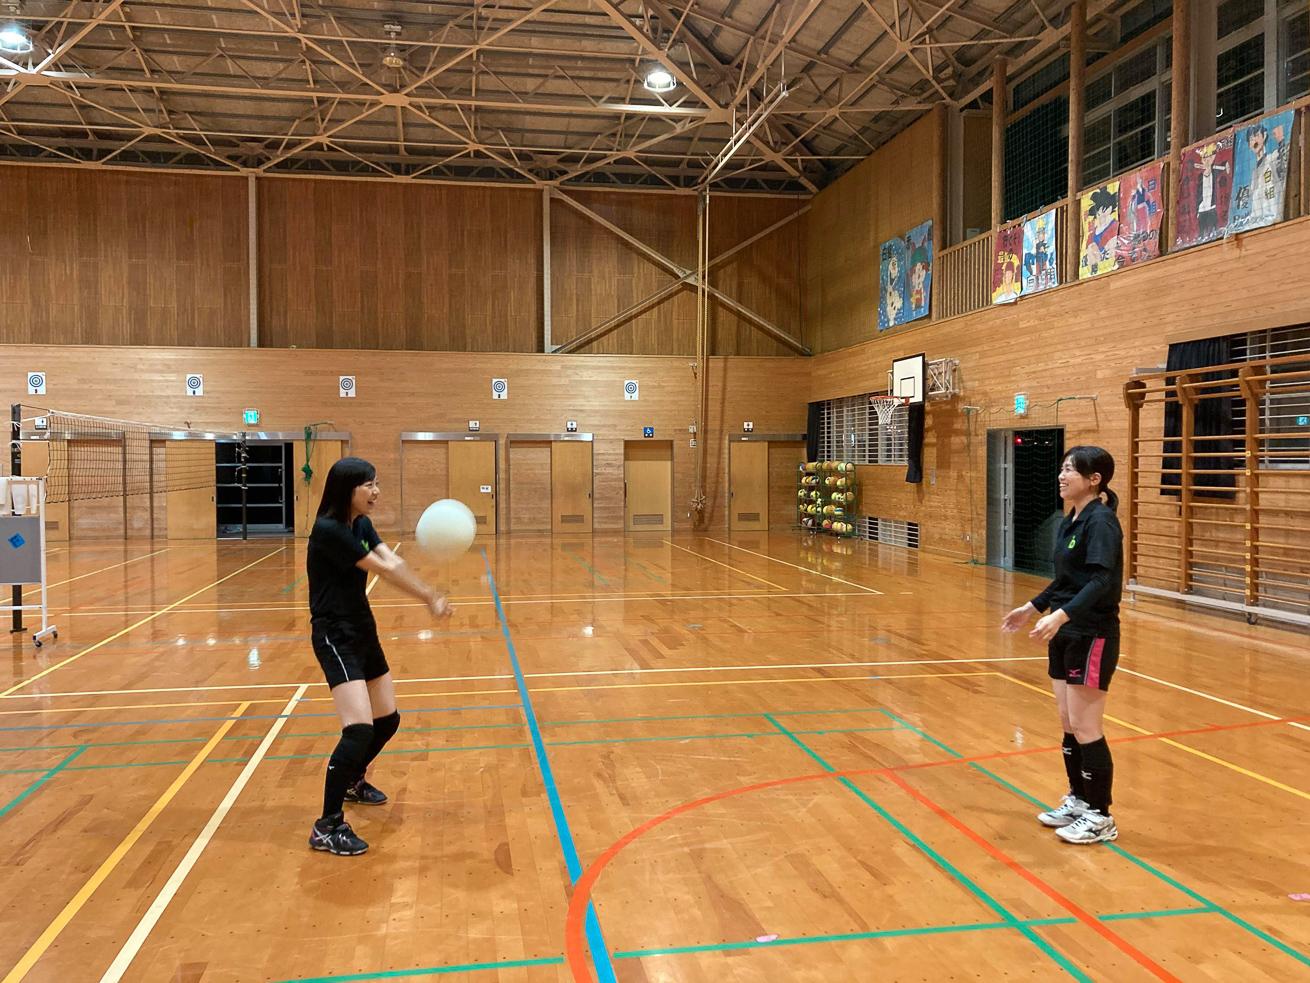 川本さんがバレーボールをする写真